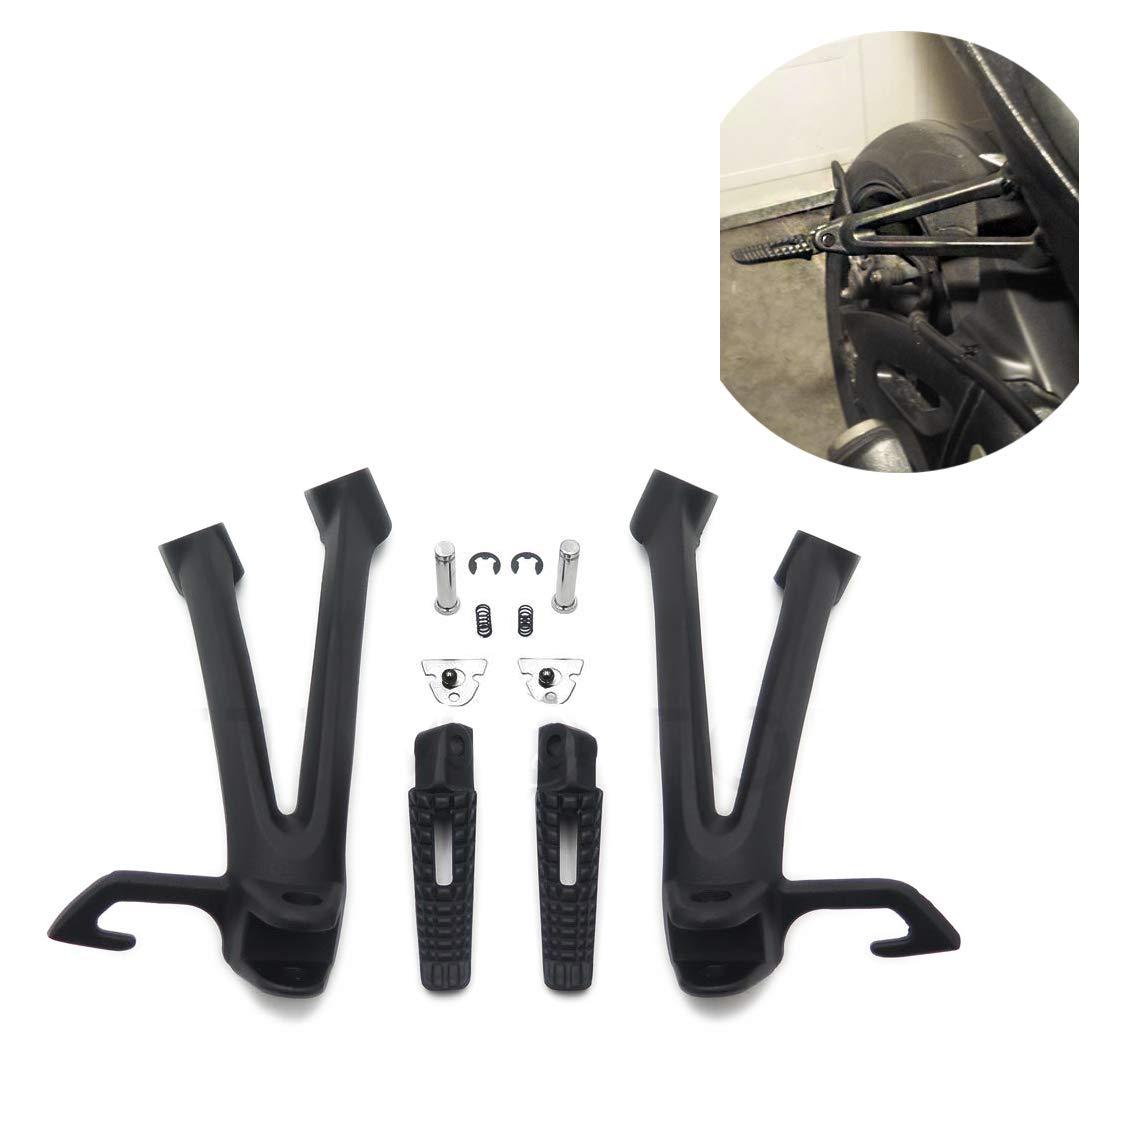 HTTMT MT390-013-BK Black Rear Passenger Foot Pegs Bracket Compatible with Suzuki Gsxr600 Gsxr750 2006 2007